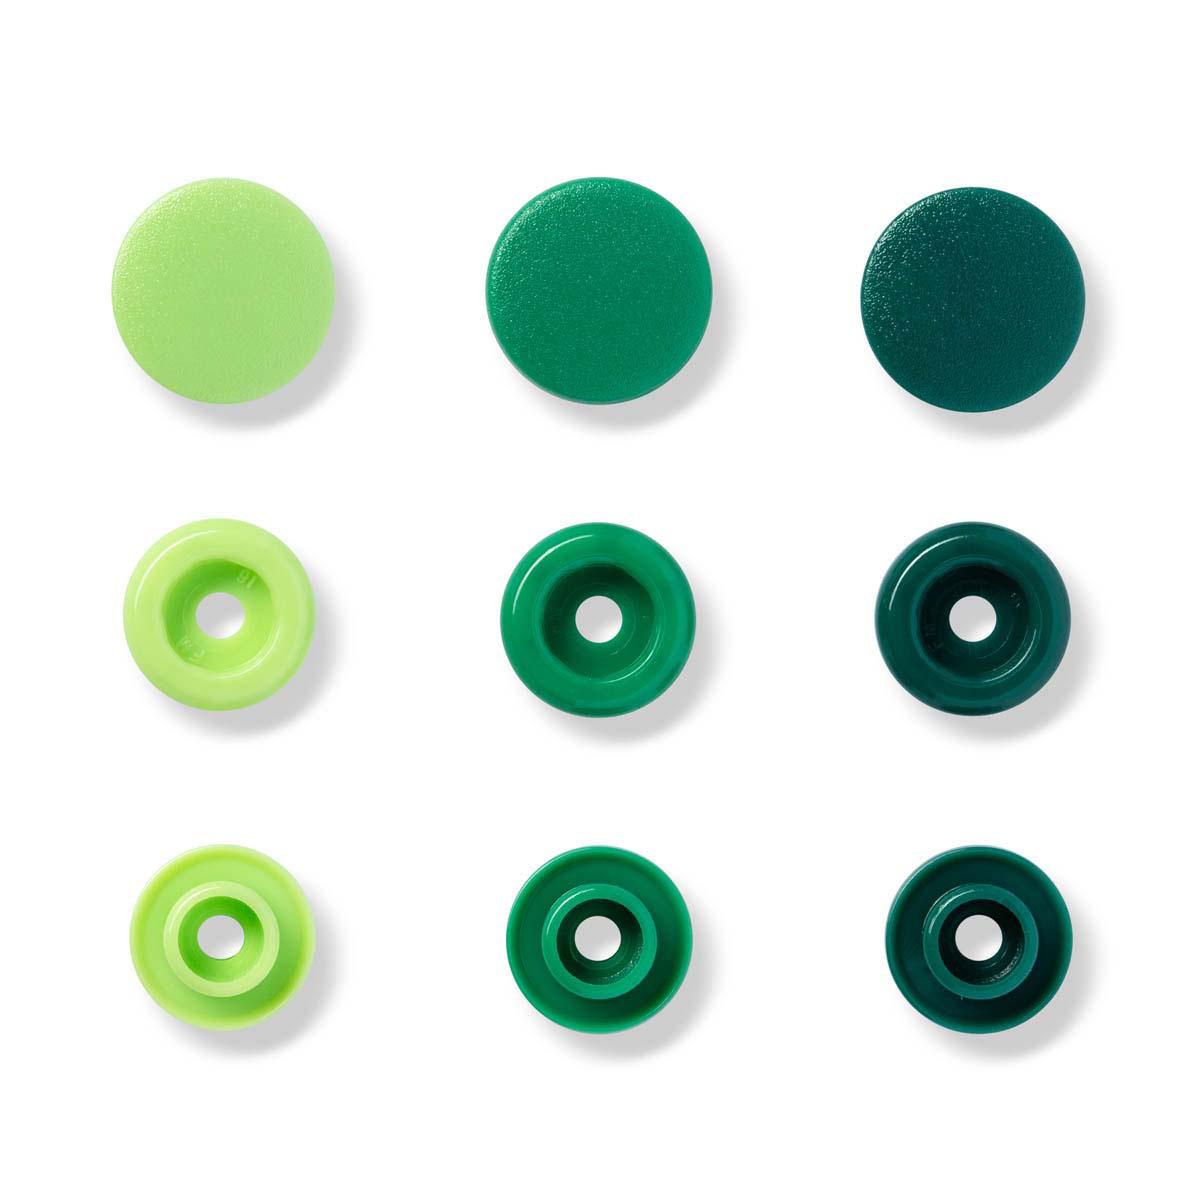 393001 Kнопки Color Snaps PrymLove, зеленый цв., 12мм, 30шт Prym